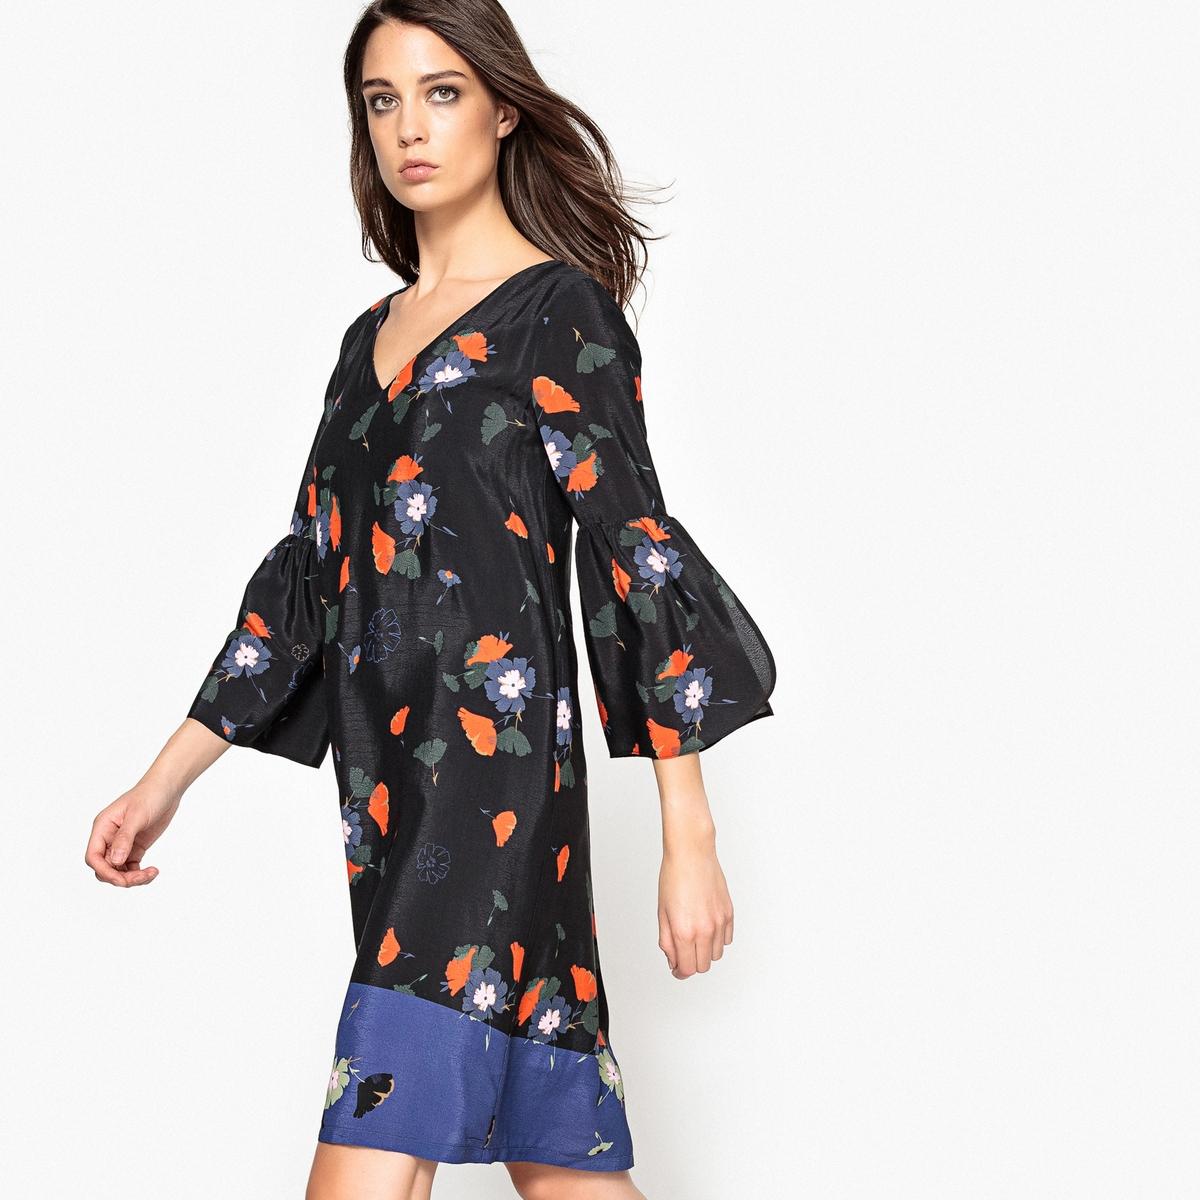 Платье прямое с цветочным рисунком и воланами на рукавах платье с цветочным рисунком и небольшими воланами в полоску спереди